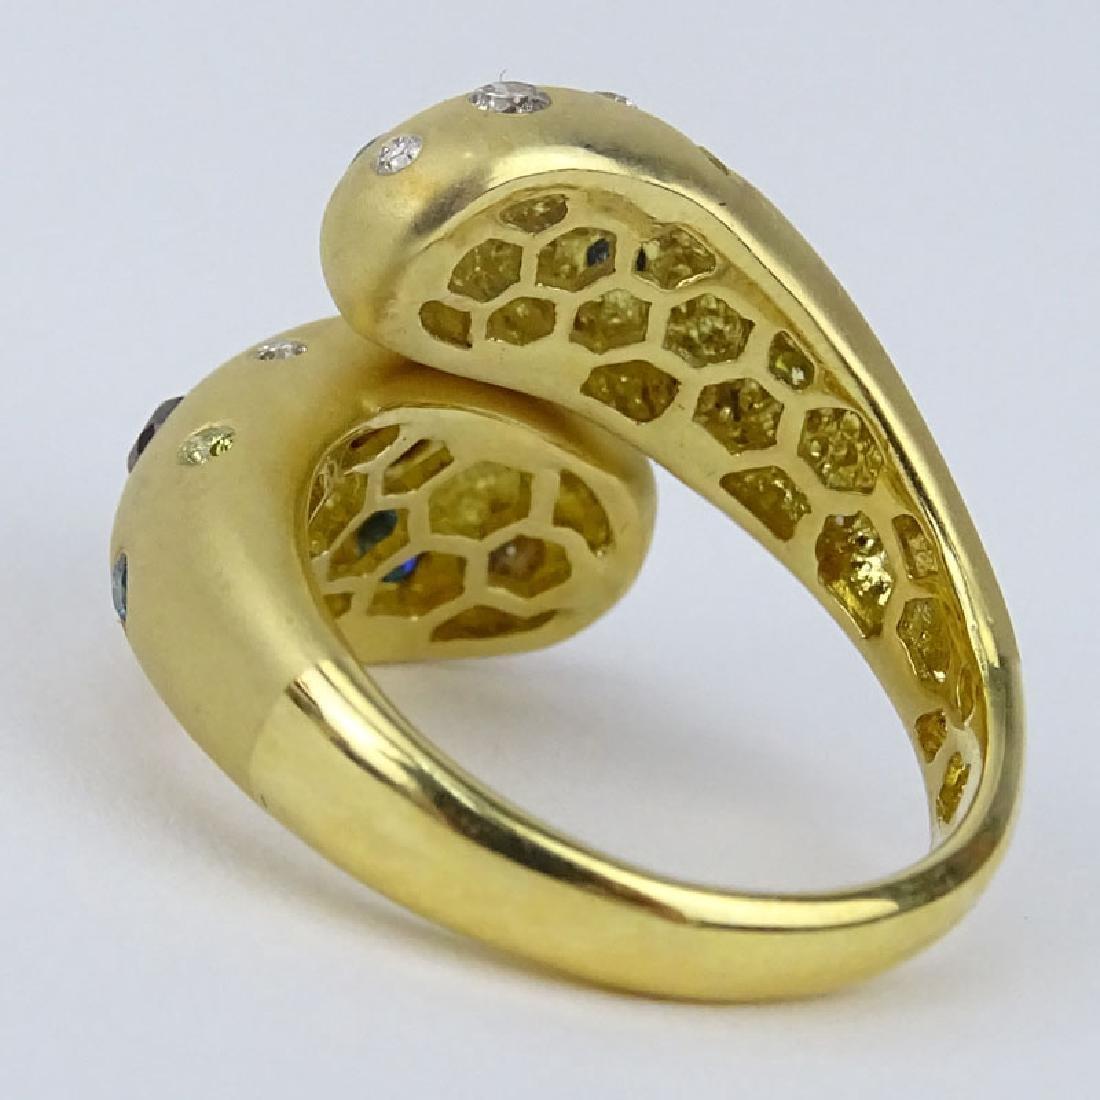 Vintage 18 Karat Yellow Gold Diamond and Gemstone Ring. - 3